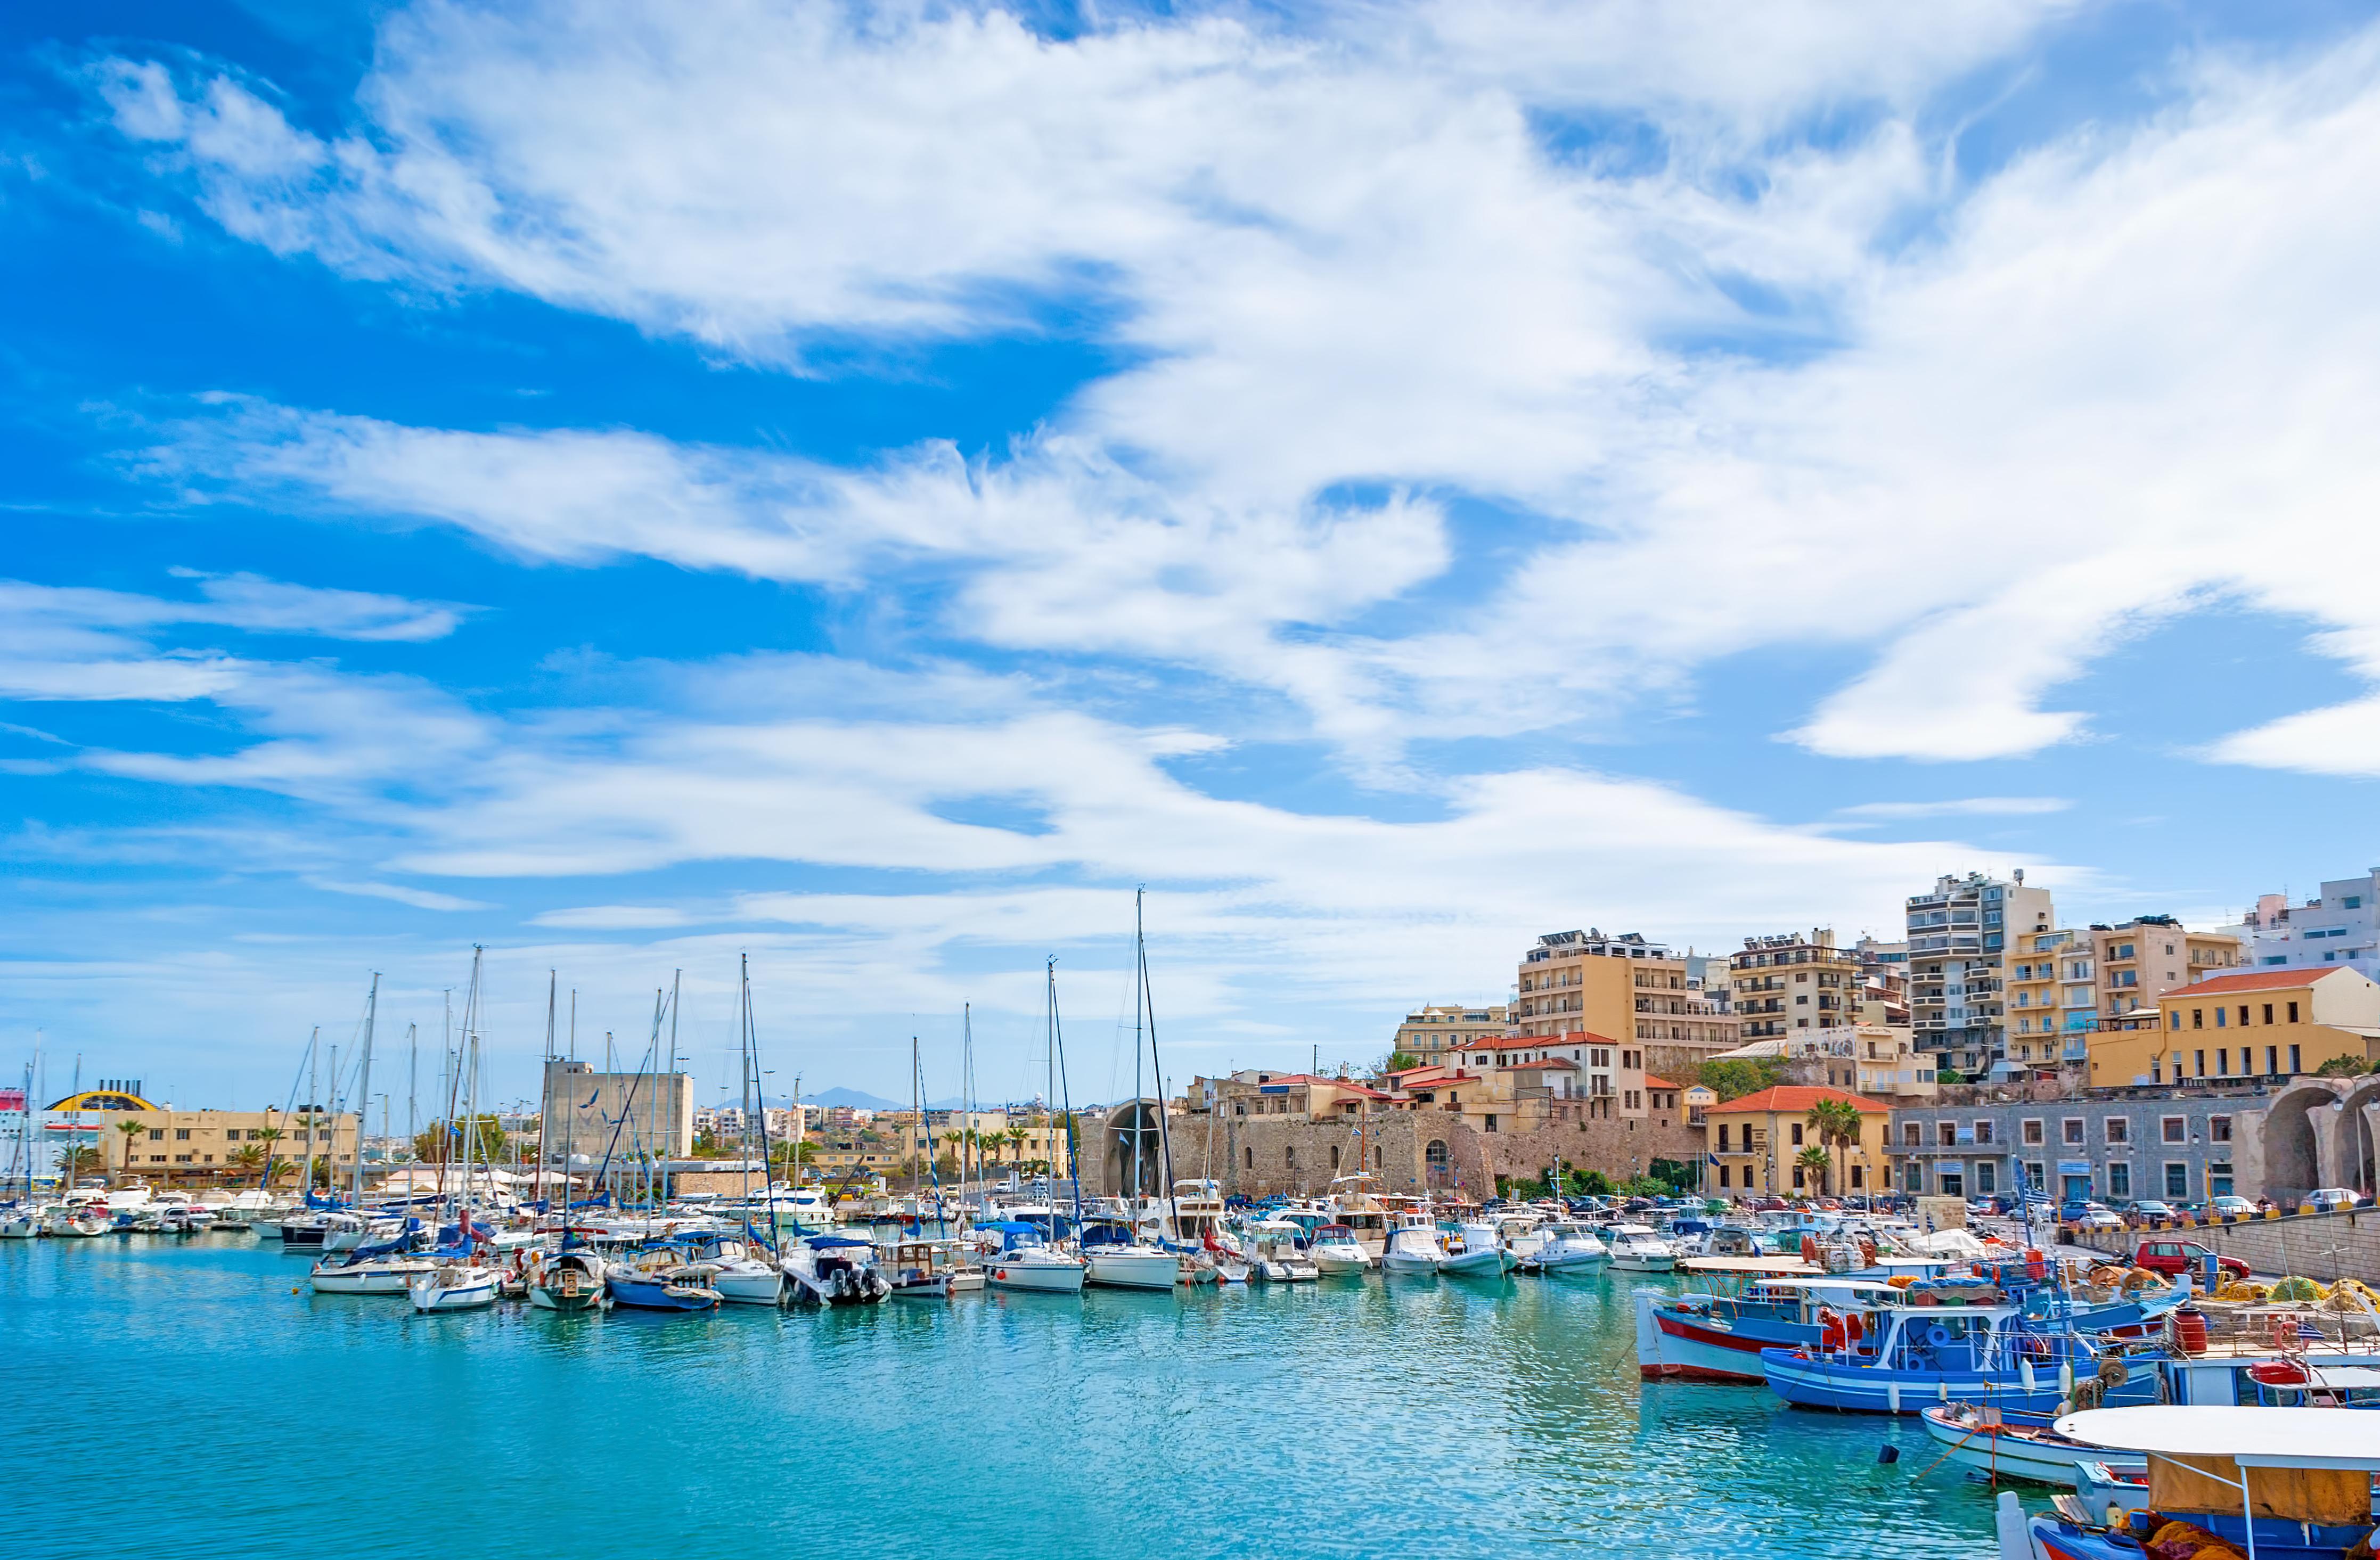 Crete_Heraklion_harbour_515899549.jpg